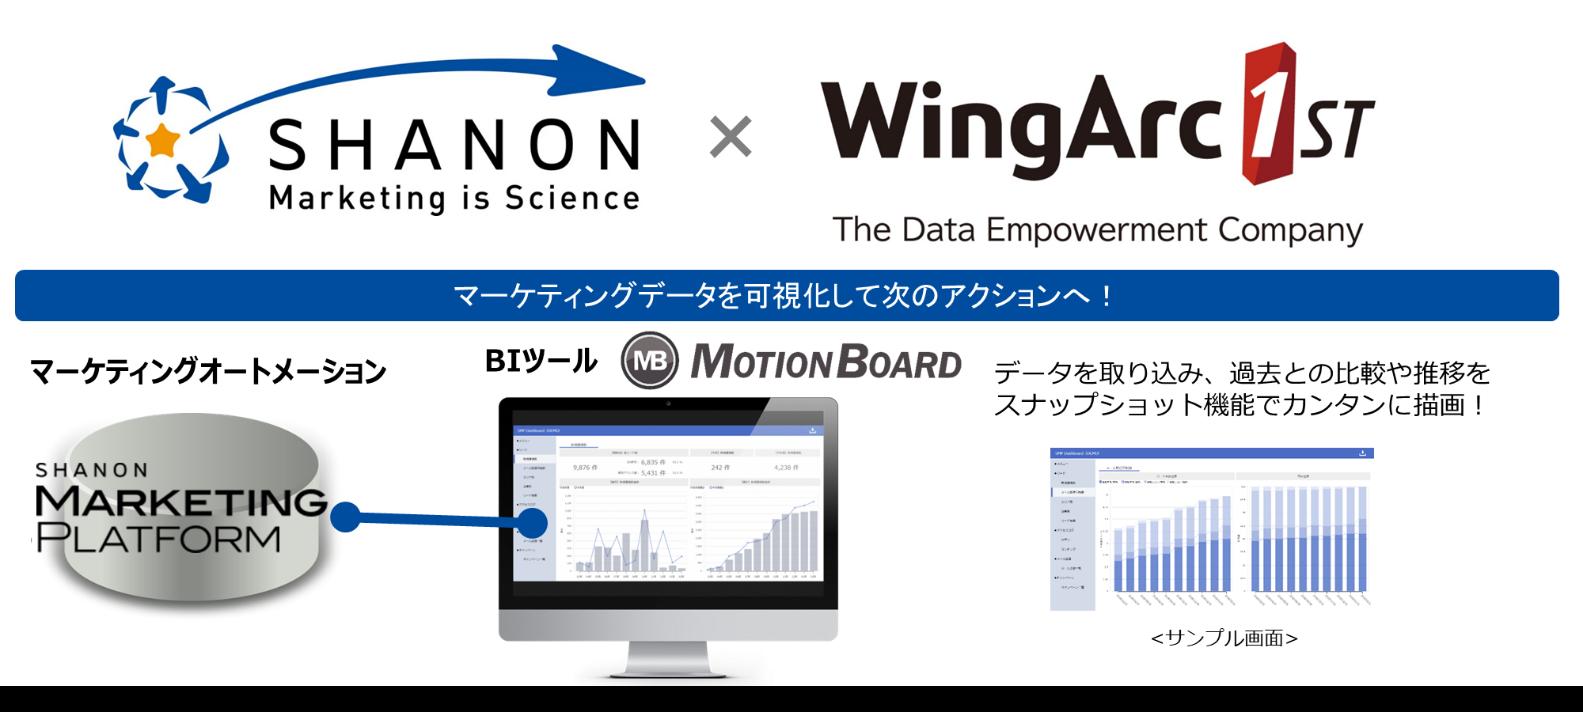 WingArc1st20190312.png